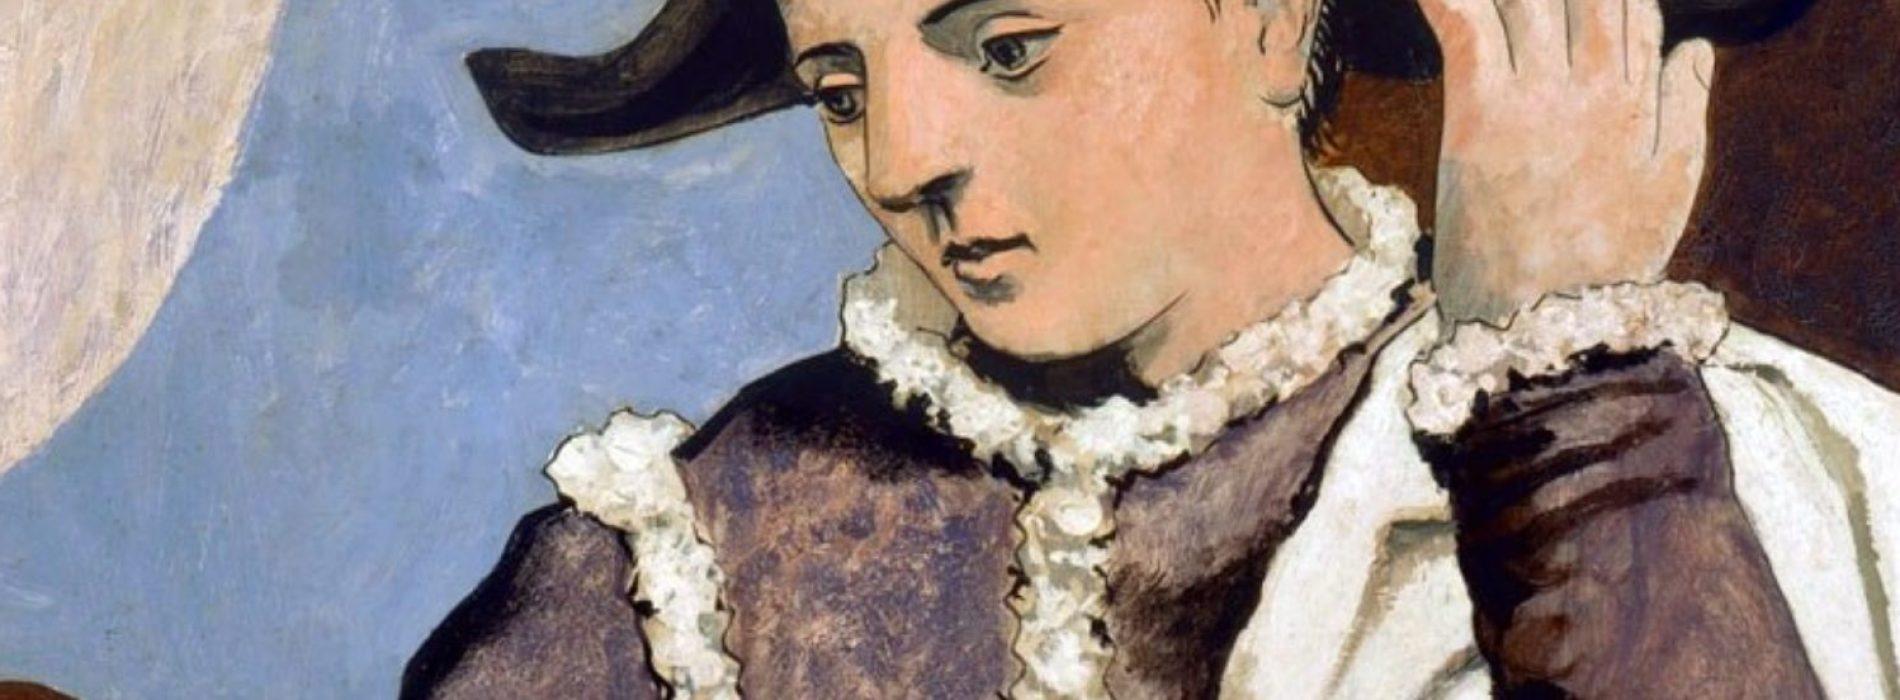 A Napoli l'ospite illustre è l'Arlecchino di Picasso. E il Caravaggio va a Madrid